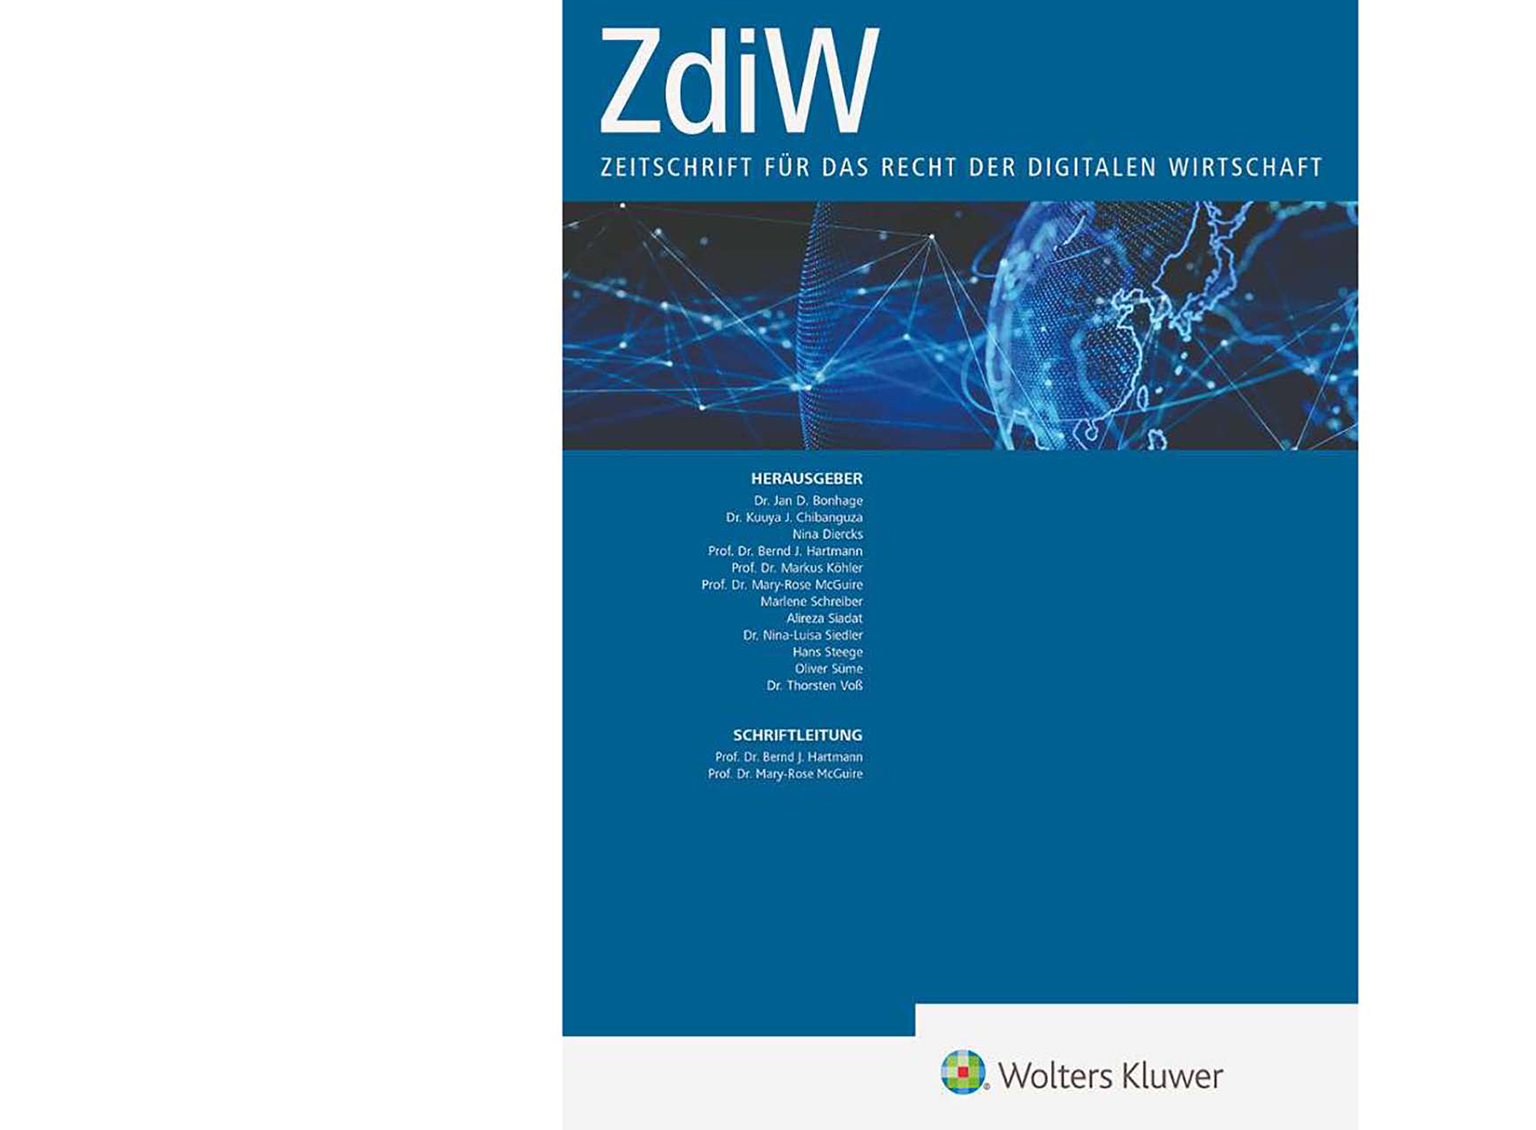 ZdiW - Zeitschrift Cover